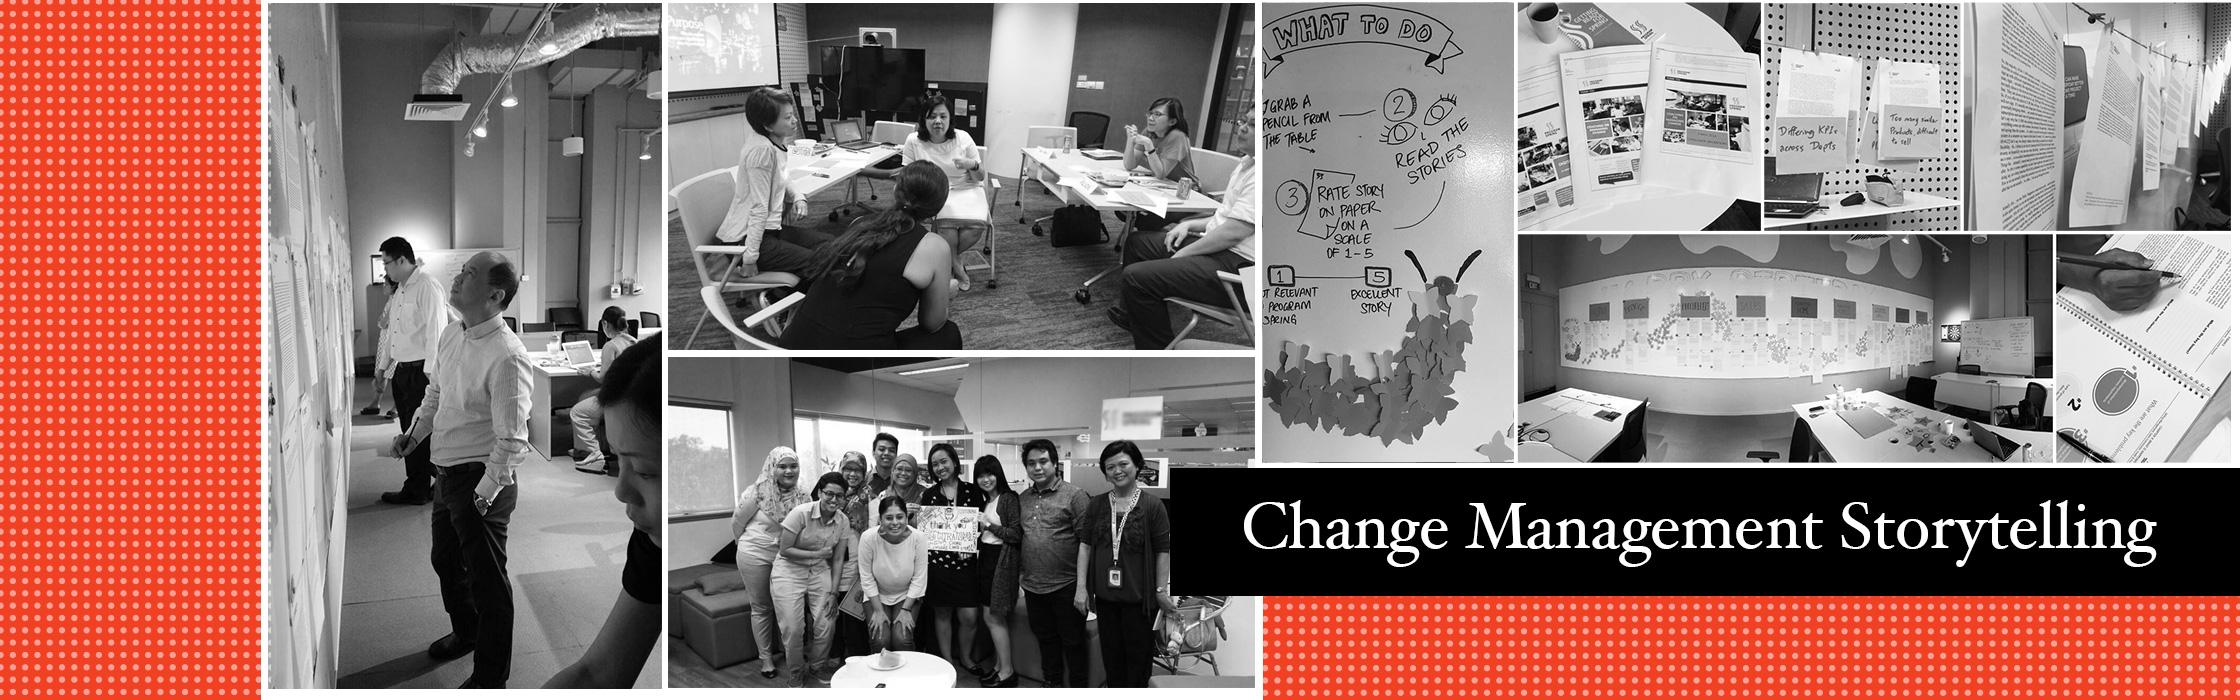 Storytelling Training and Workshop Singapore